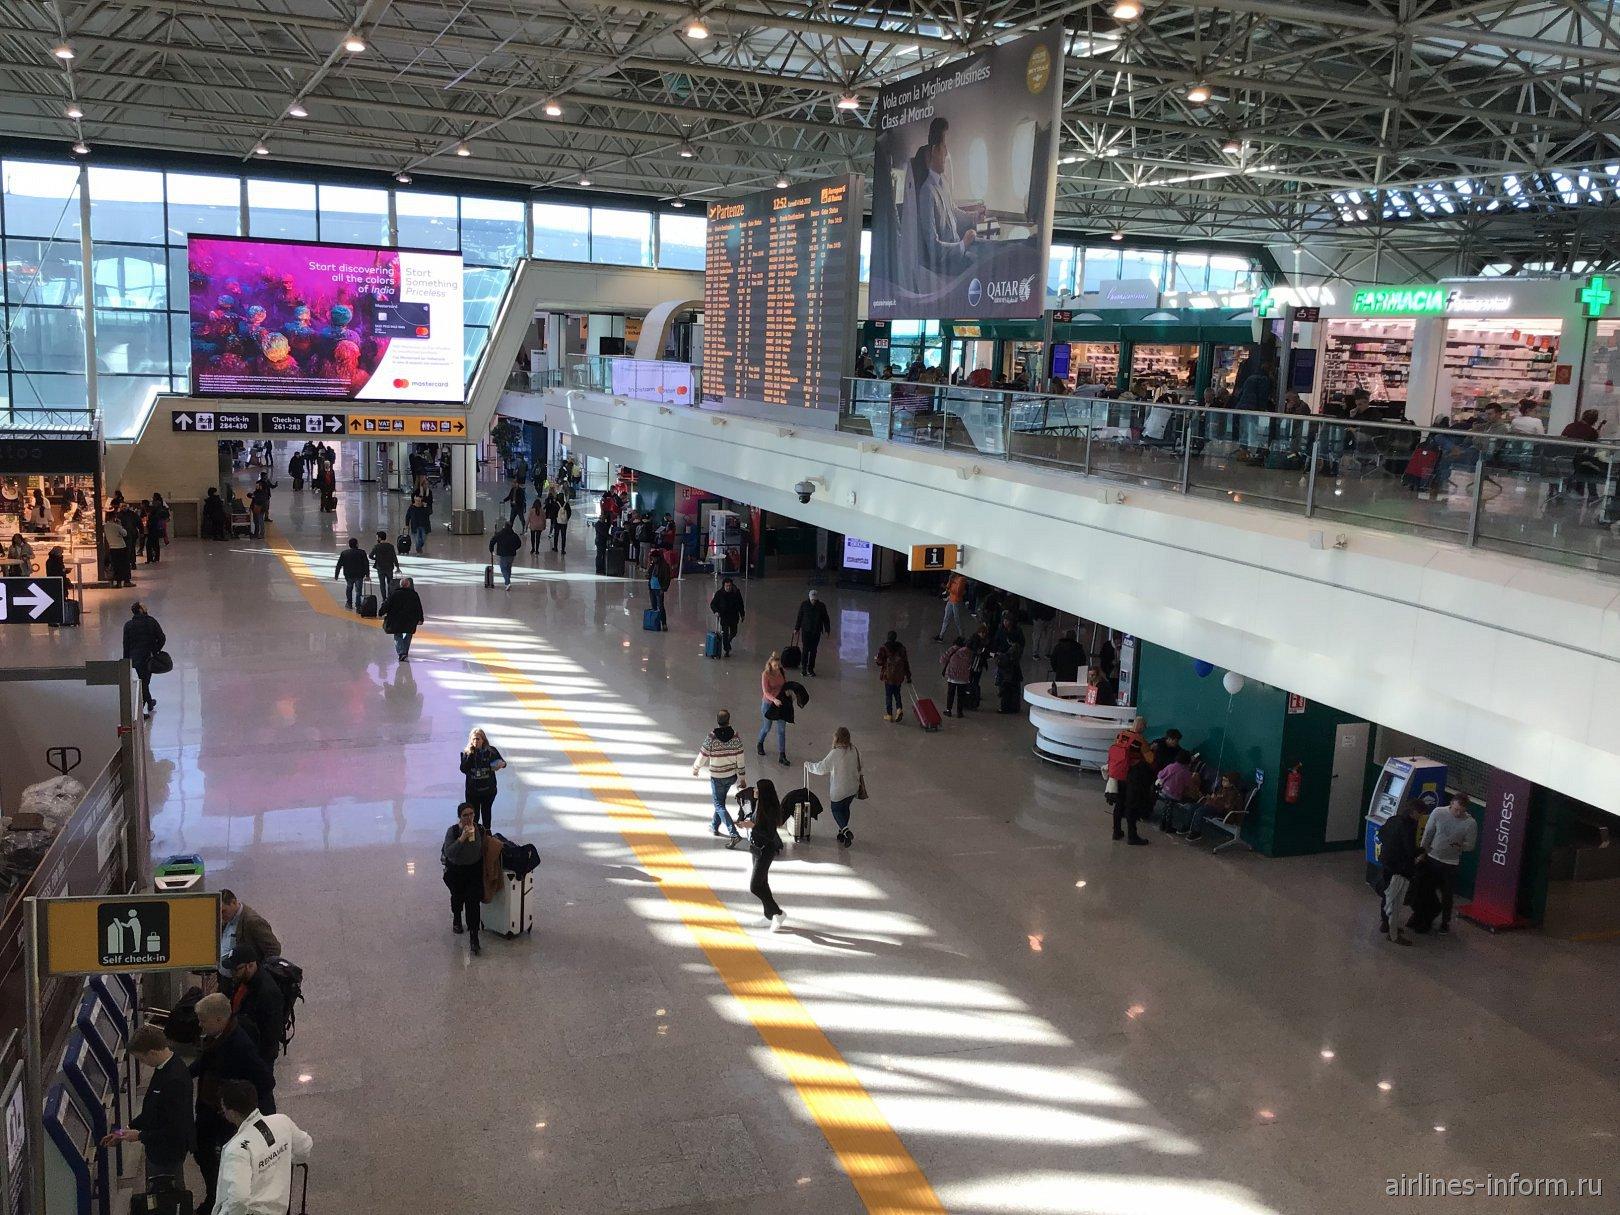 В пассажирском терминале аэропорта Рим Фьюмичино